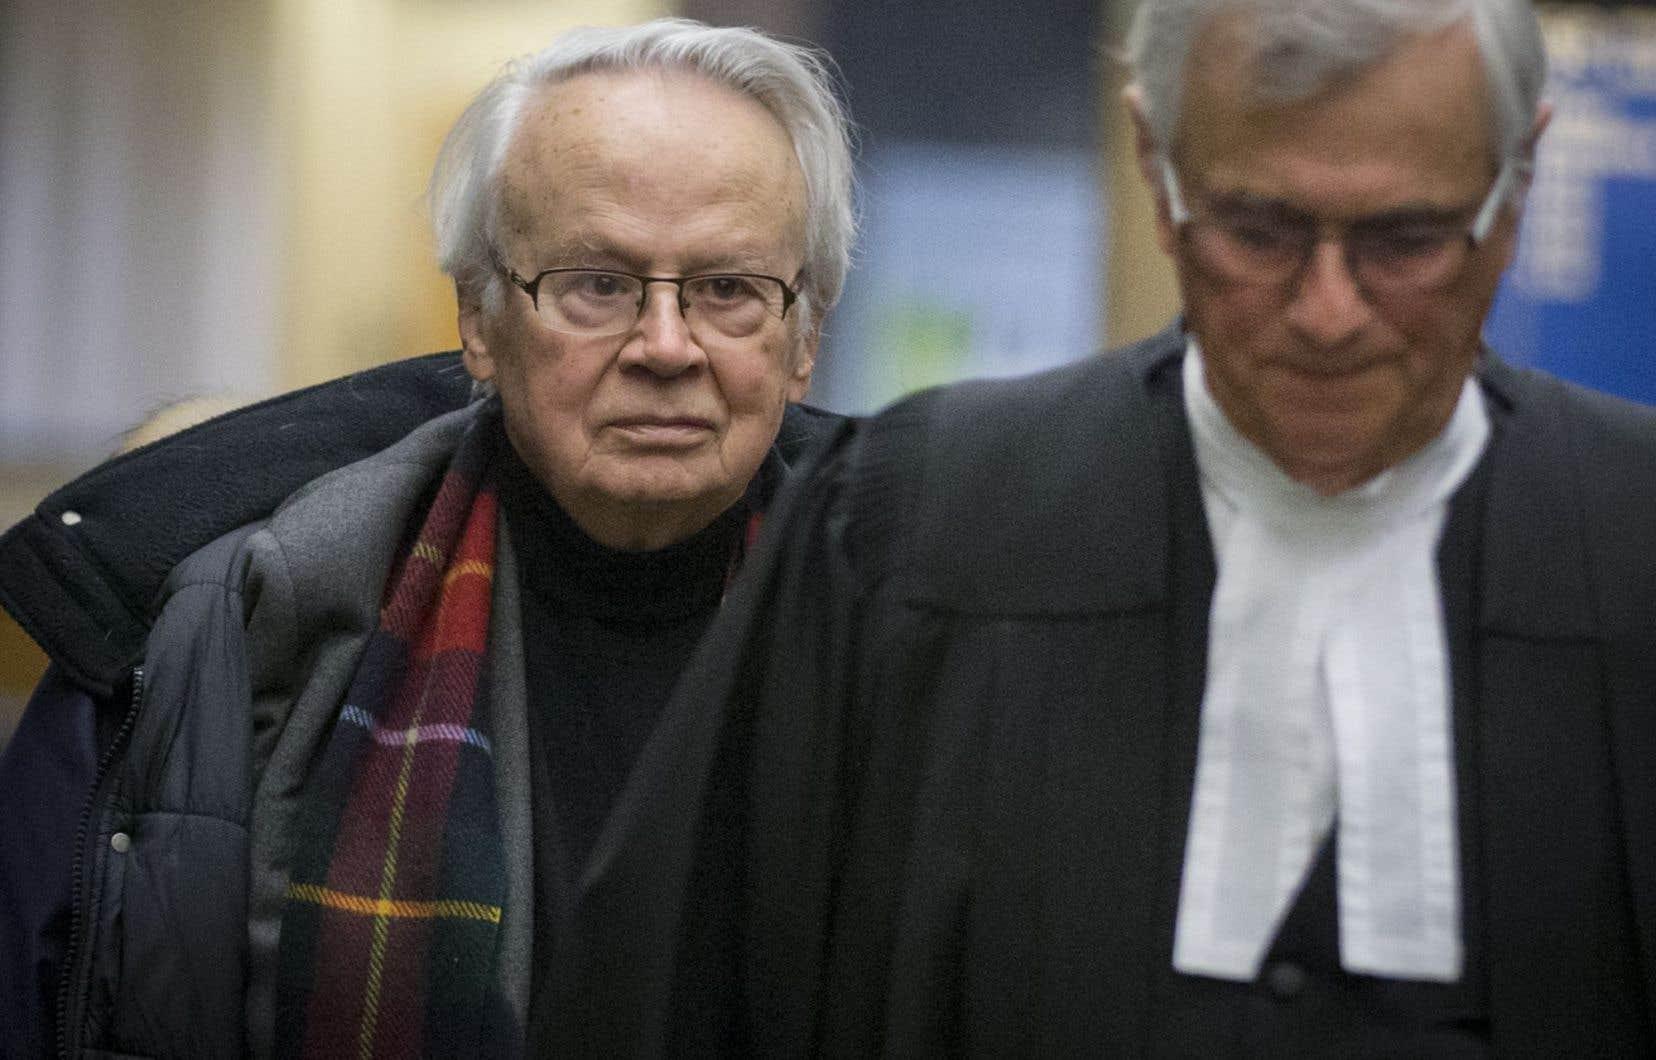 Jacques Corriveau (à gauche) n'a jamais pensé qu'il finirait sa vie dans une prison, a déclaré son avocat, Gérard Soulière (à droite).